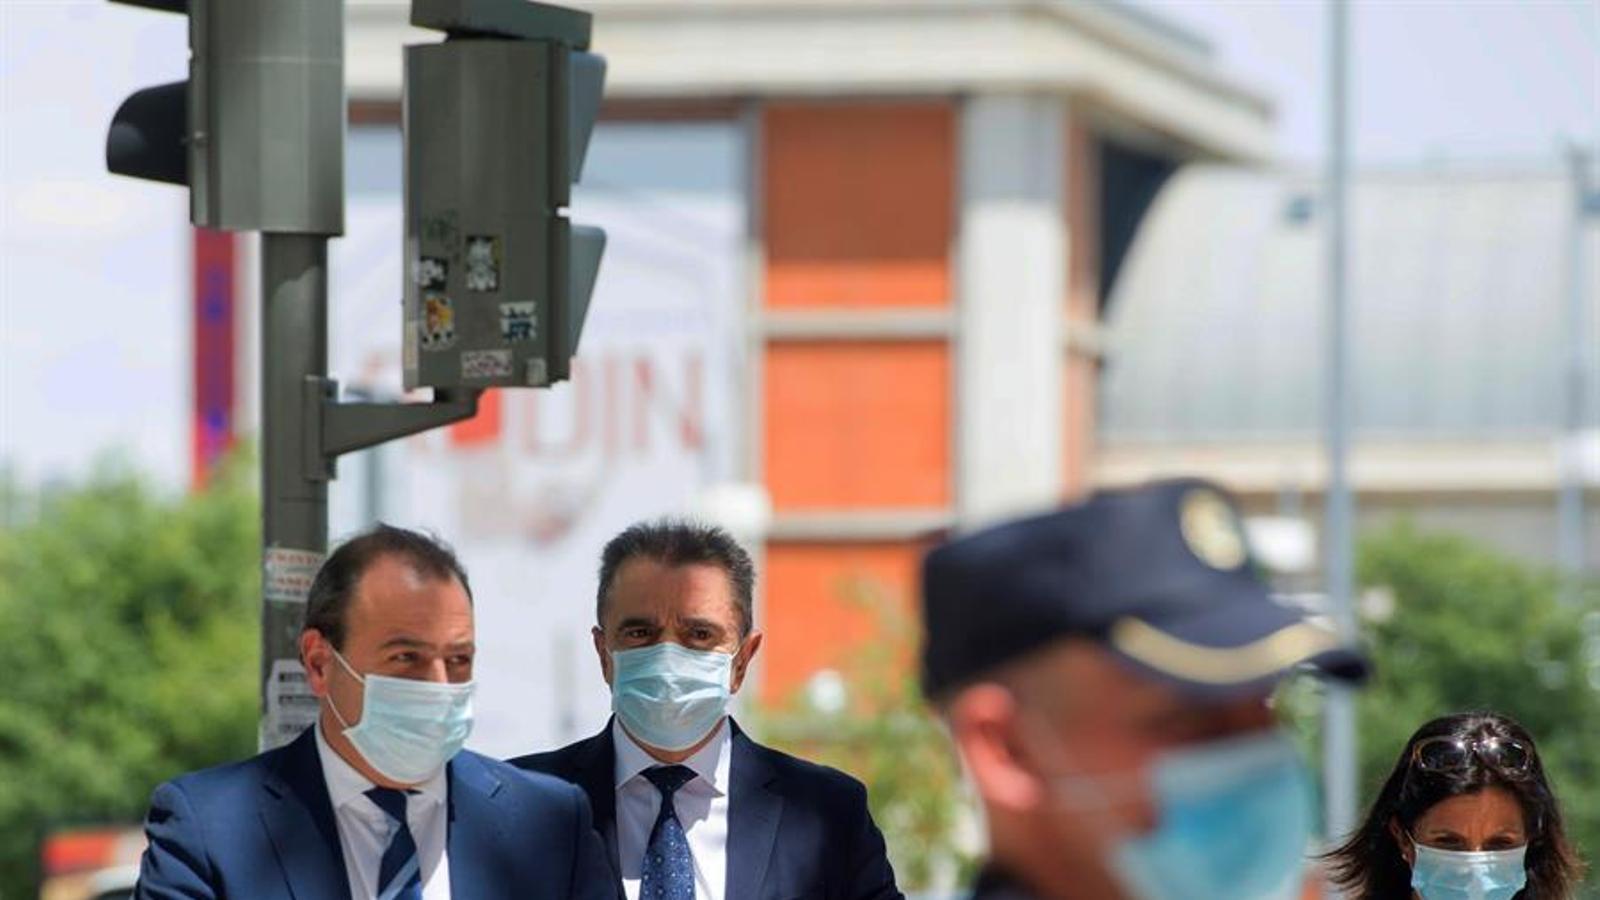 La jutge arxiva la causa del 8-M contra el delegat del govern espanyol a Madrid